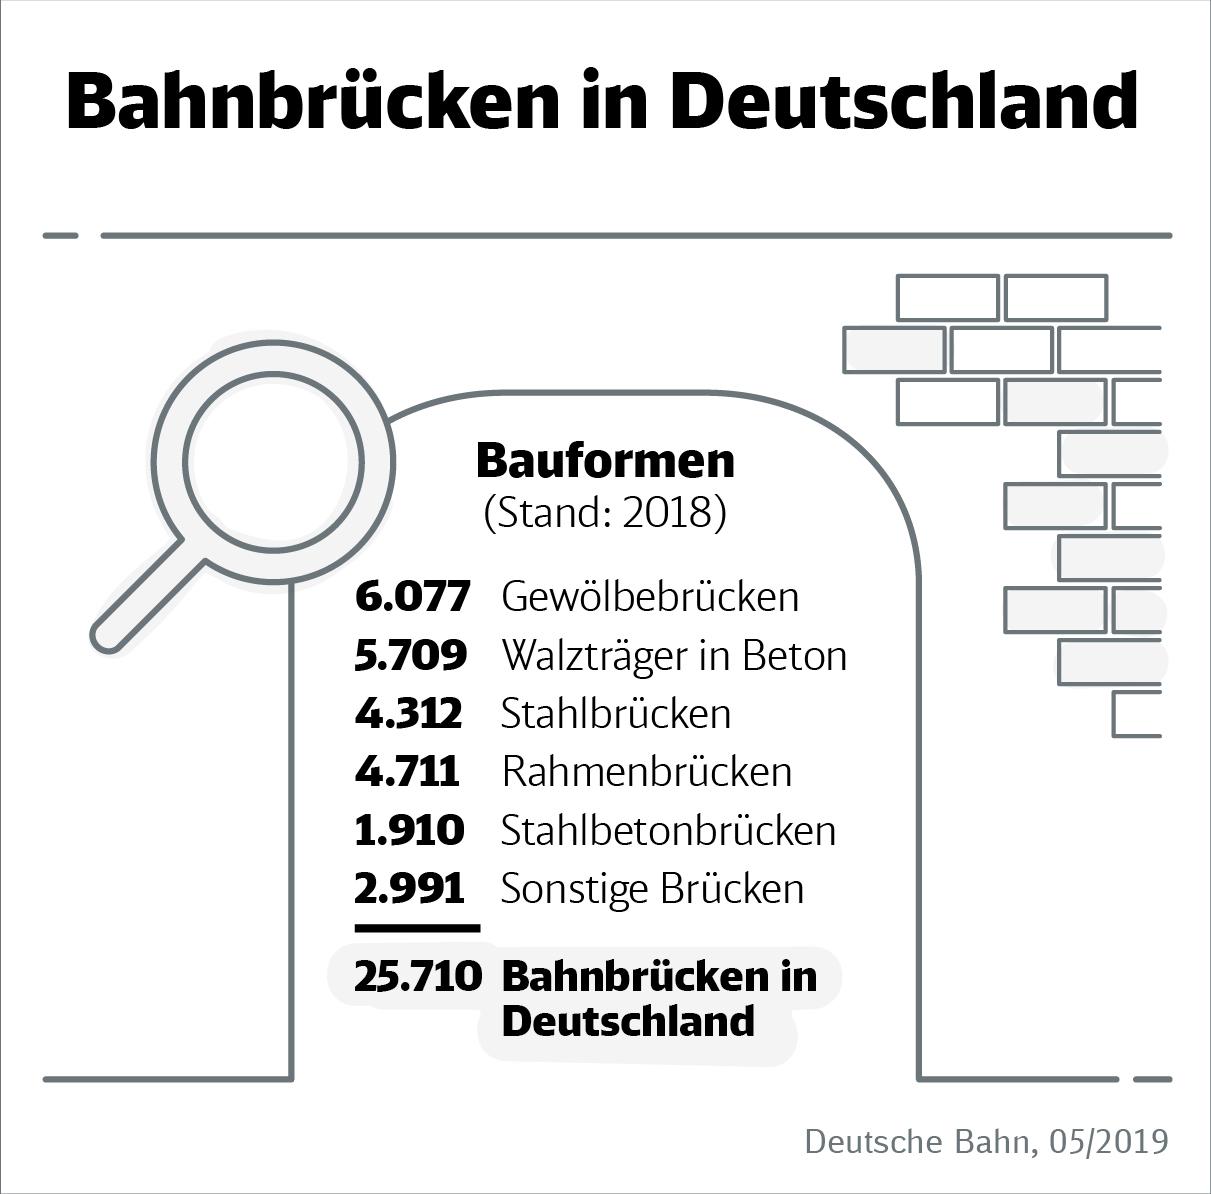 DB Infografik: Bahnbrücken in Deutschland - Durchschnittsalter und Bauformen